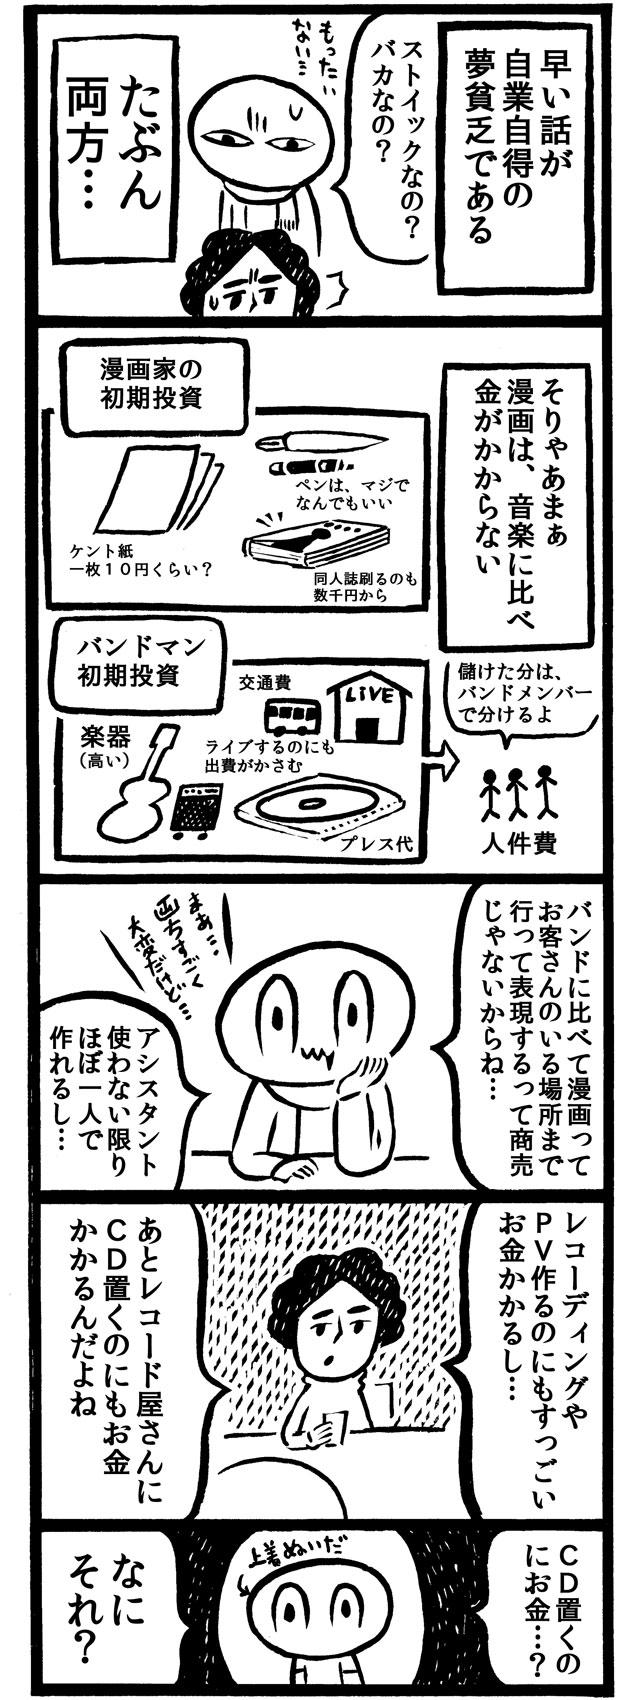 f:id:kakijiro:20160208133339j:plain